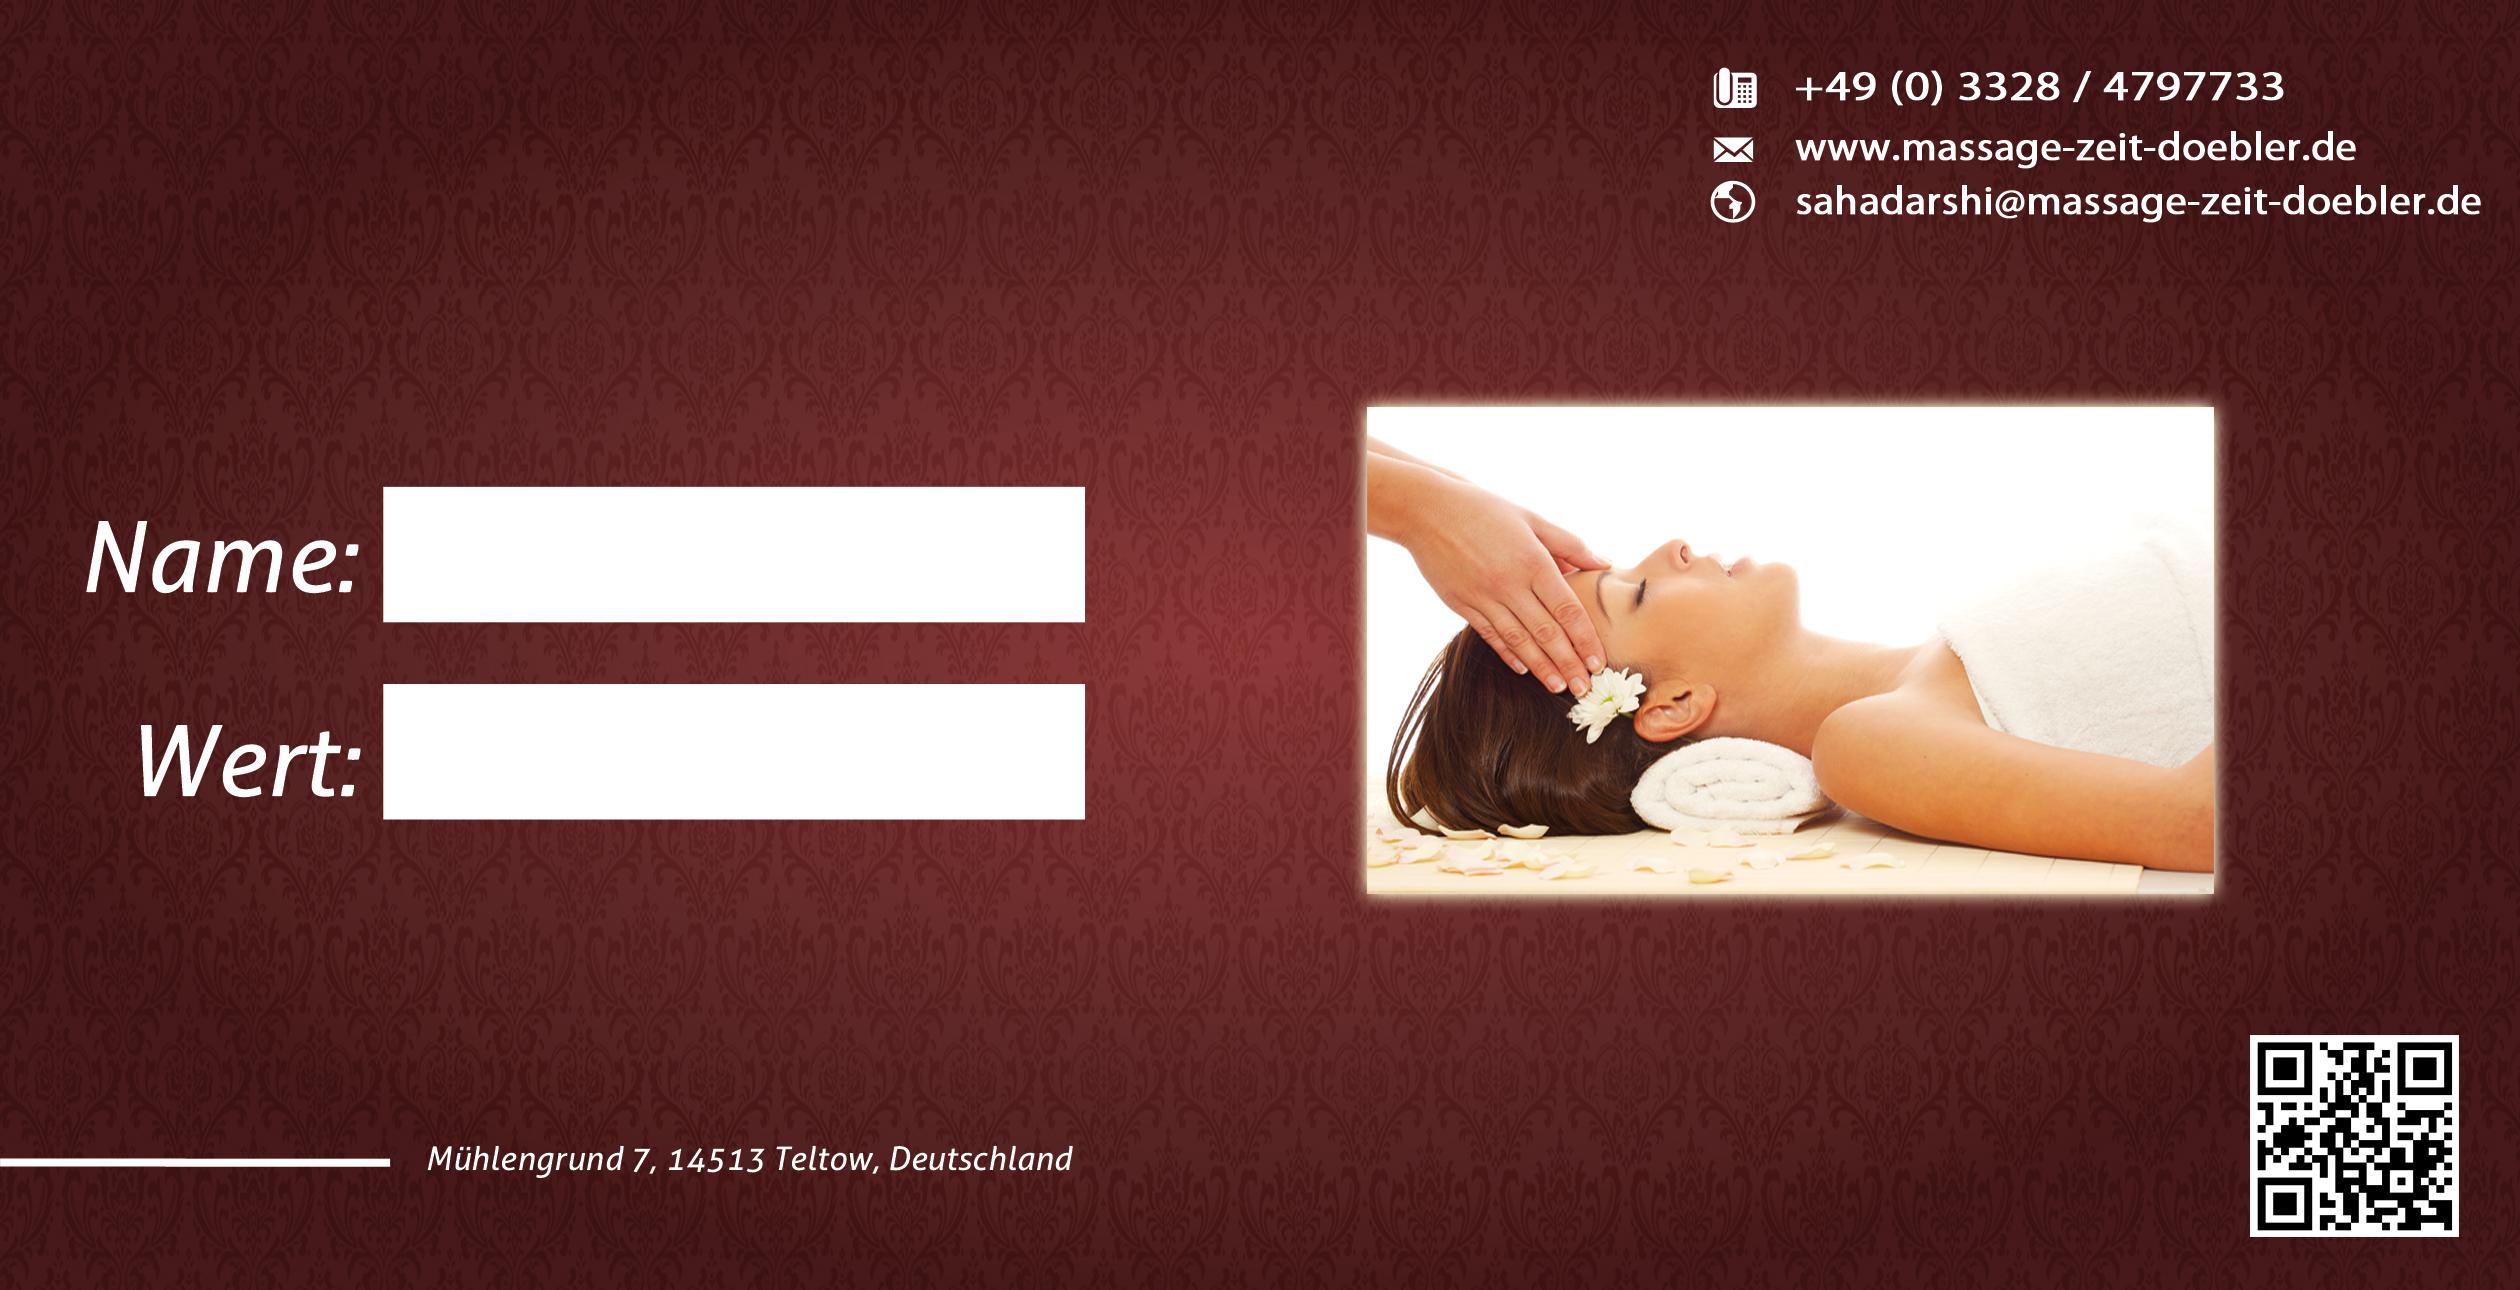 Massage Zeit Döbler